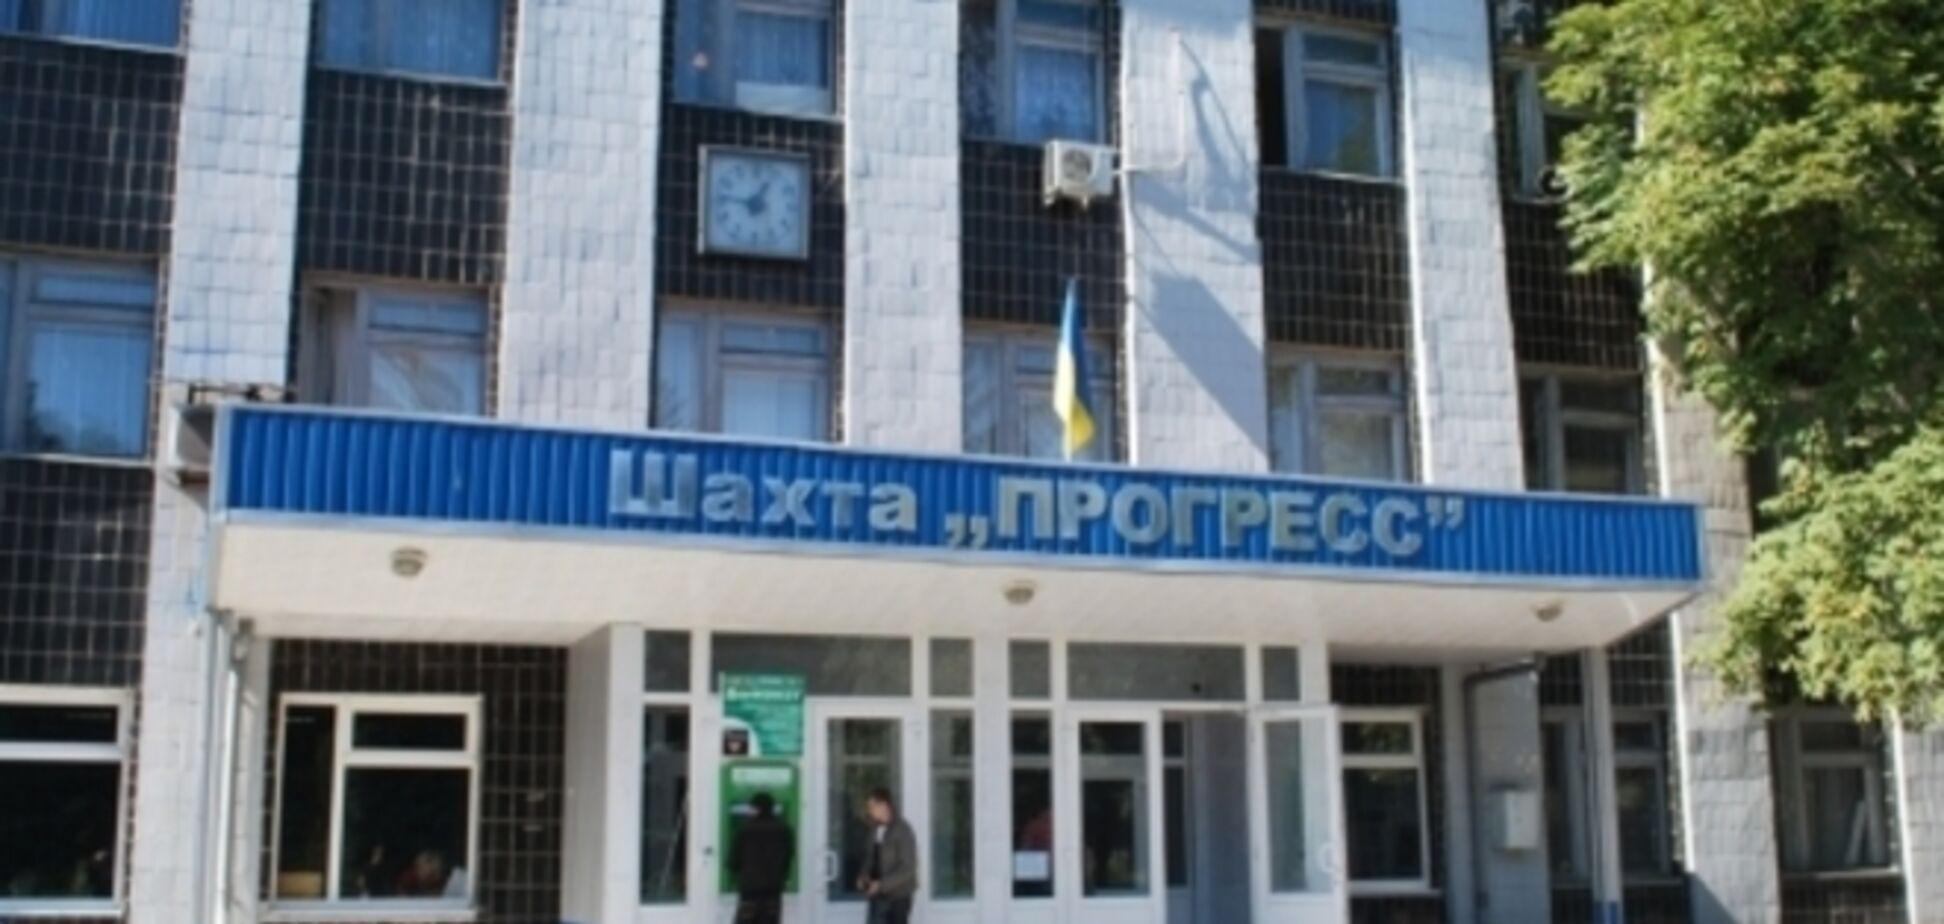 'ДНР' пополнила бюджет на 180 тыс. грн, прикрываясь детьми - шахтерский лидер